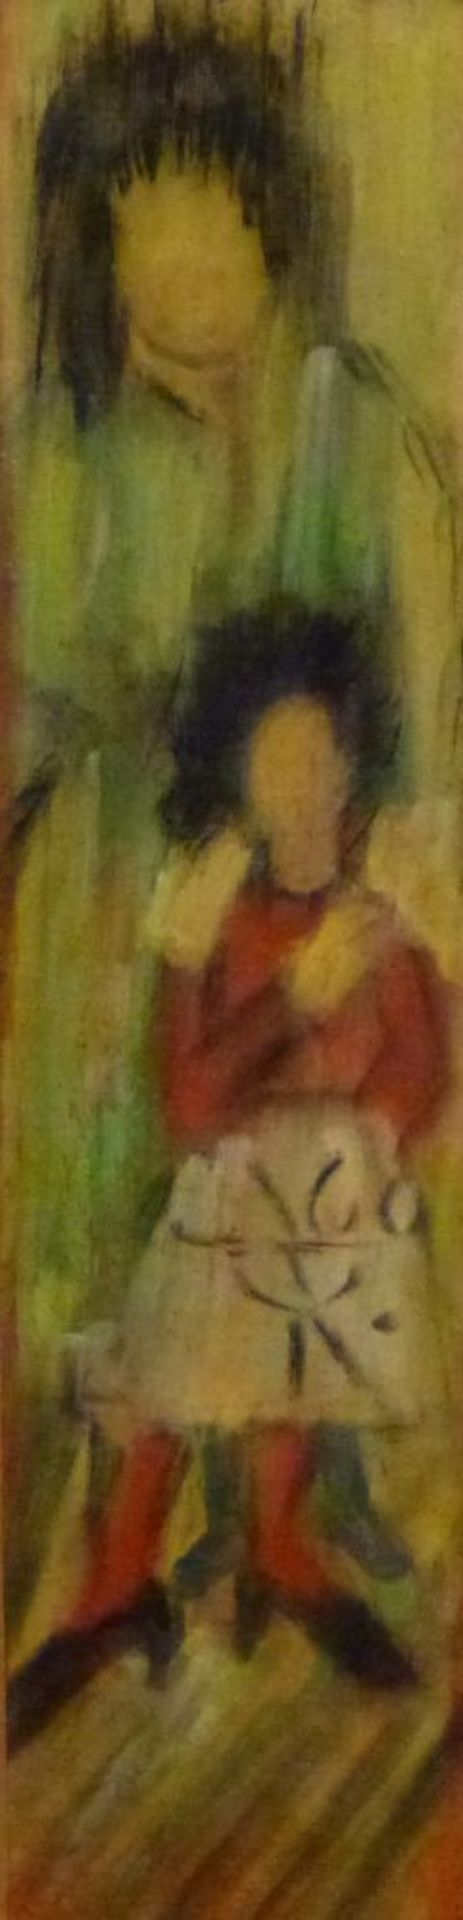 ''Erwartung'', Mitte 20.Jh.Hildegard KurpanTempera/Papier, monogr. u. dat. (19)60, Mutter mit